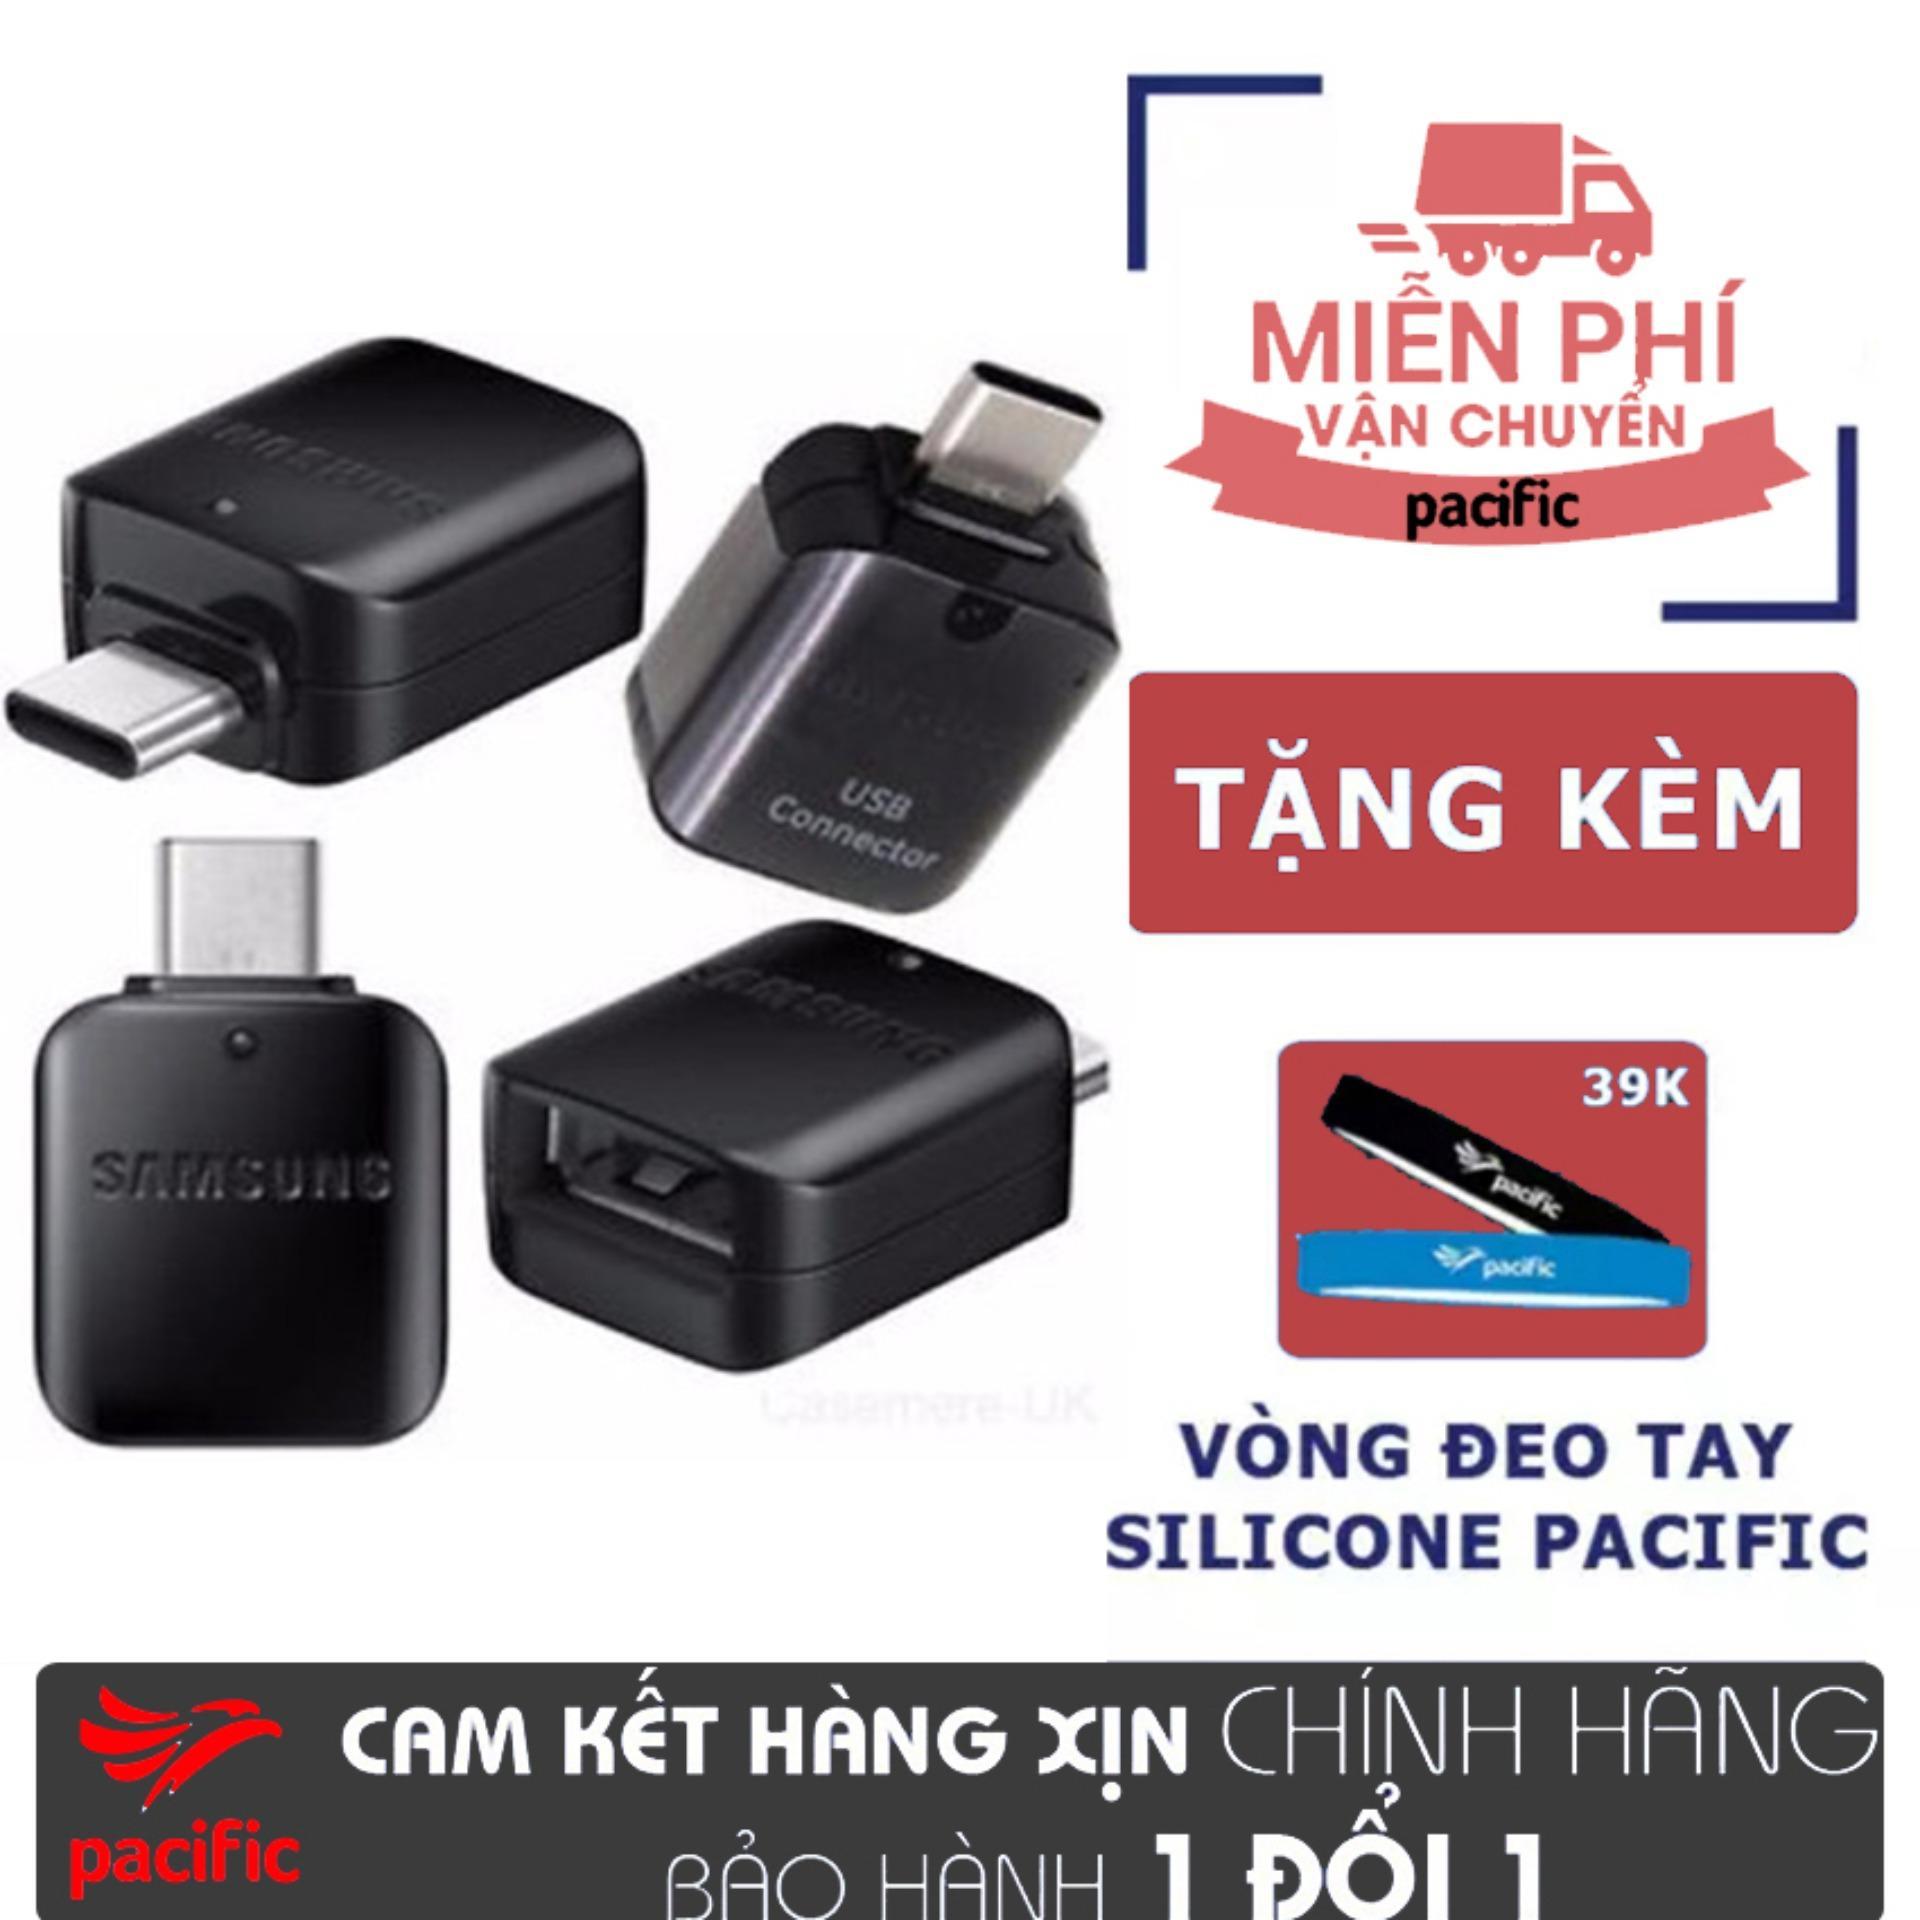 OTG Samsung chuyển đổi cổng USB Type-C chuẩn 3.0 - Tặng Vòng đeo tay Silicone Pacific